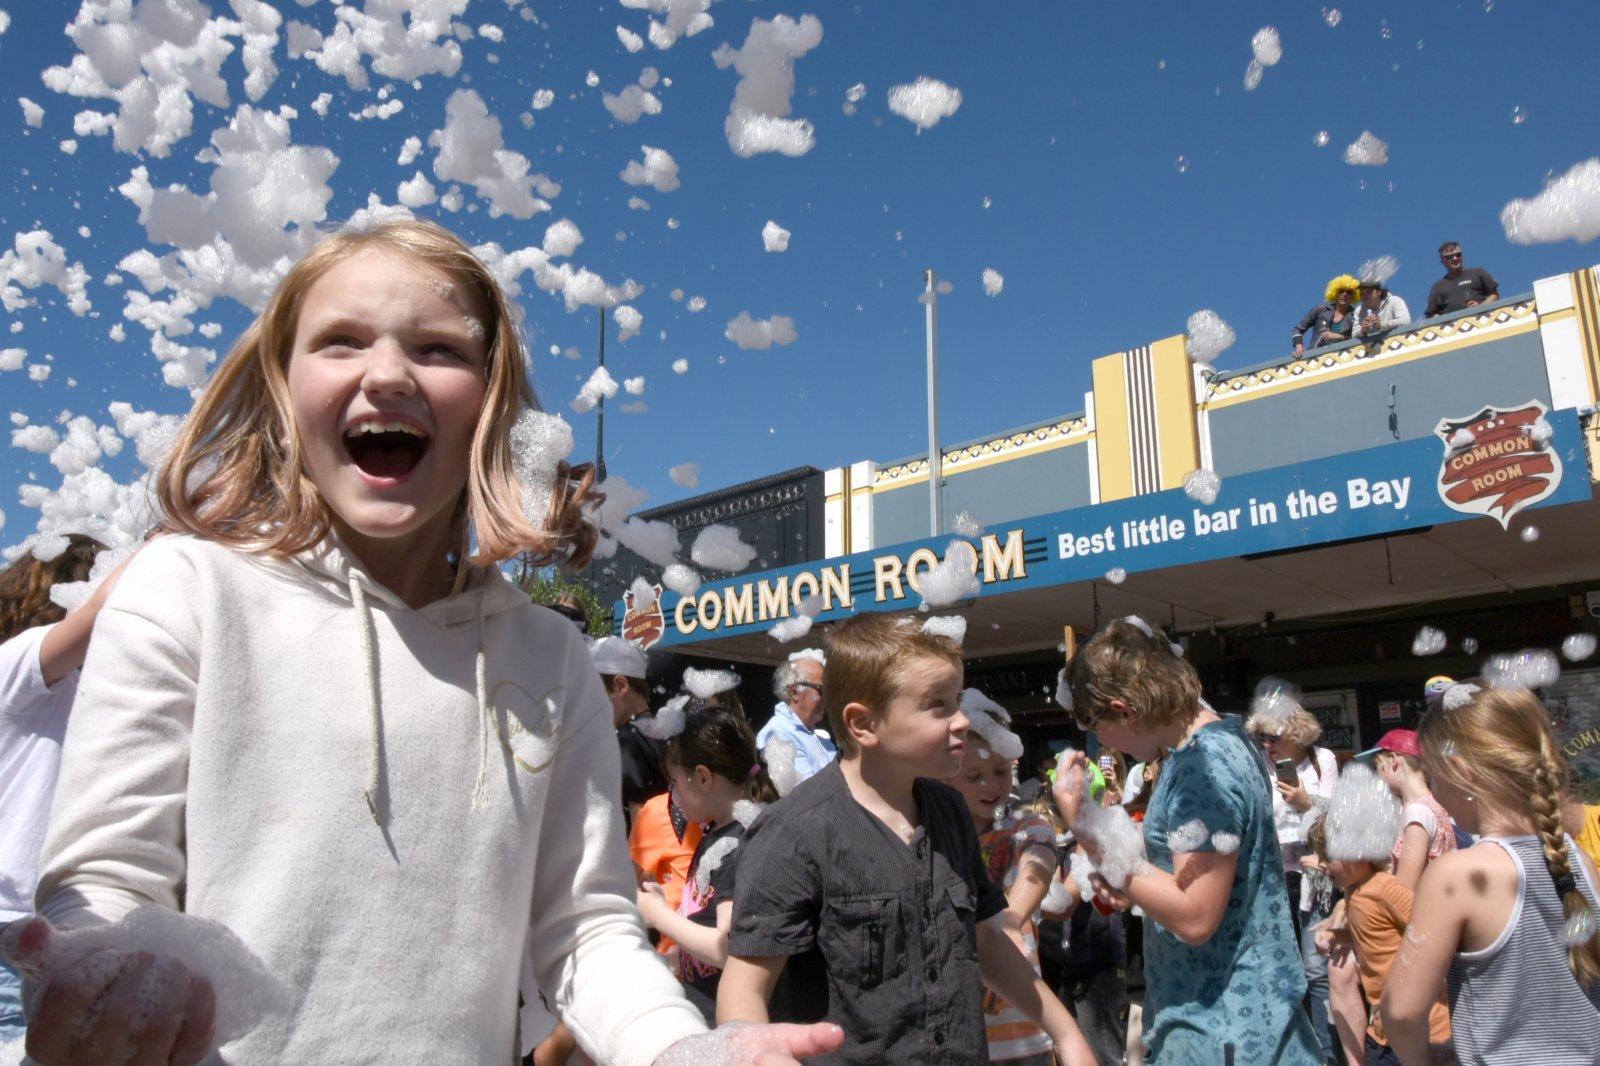 10月3日,在新西蘭黑斯廷斯,兒童在花車吹出的泡沫中嬉戲。(新華社)